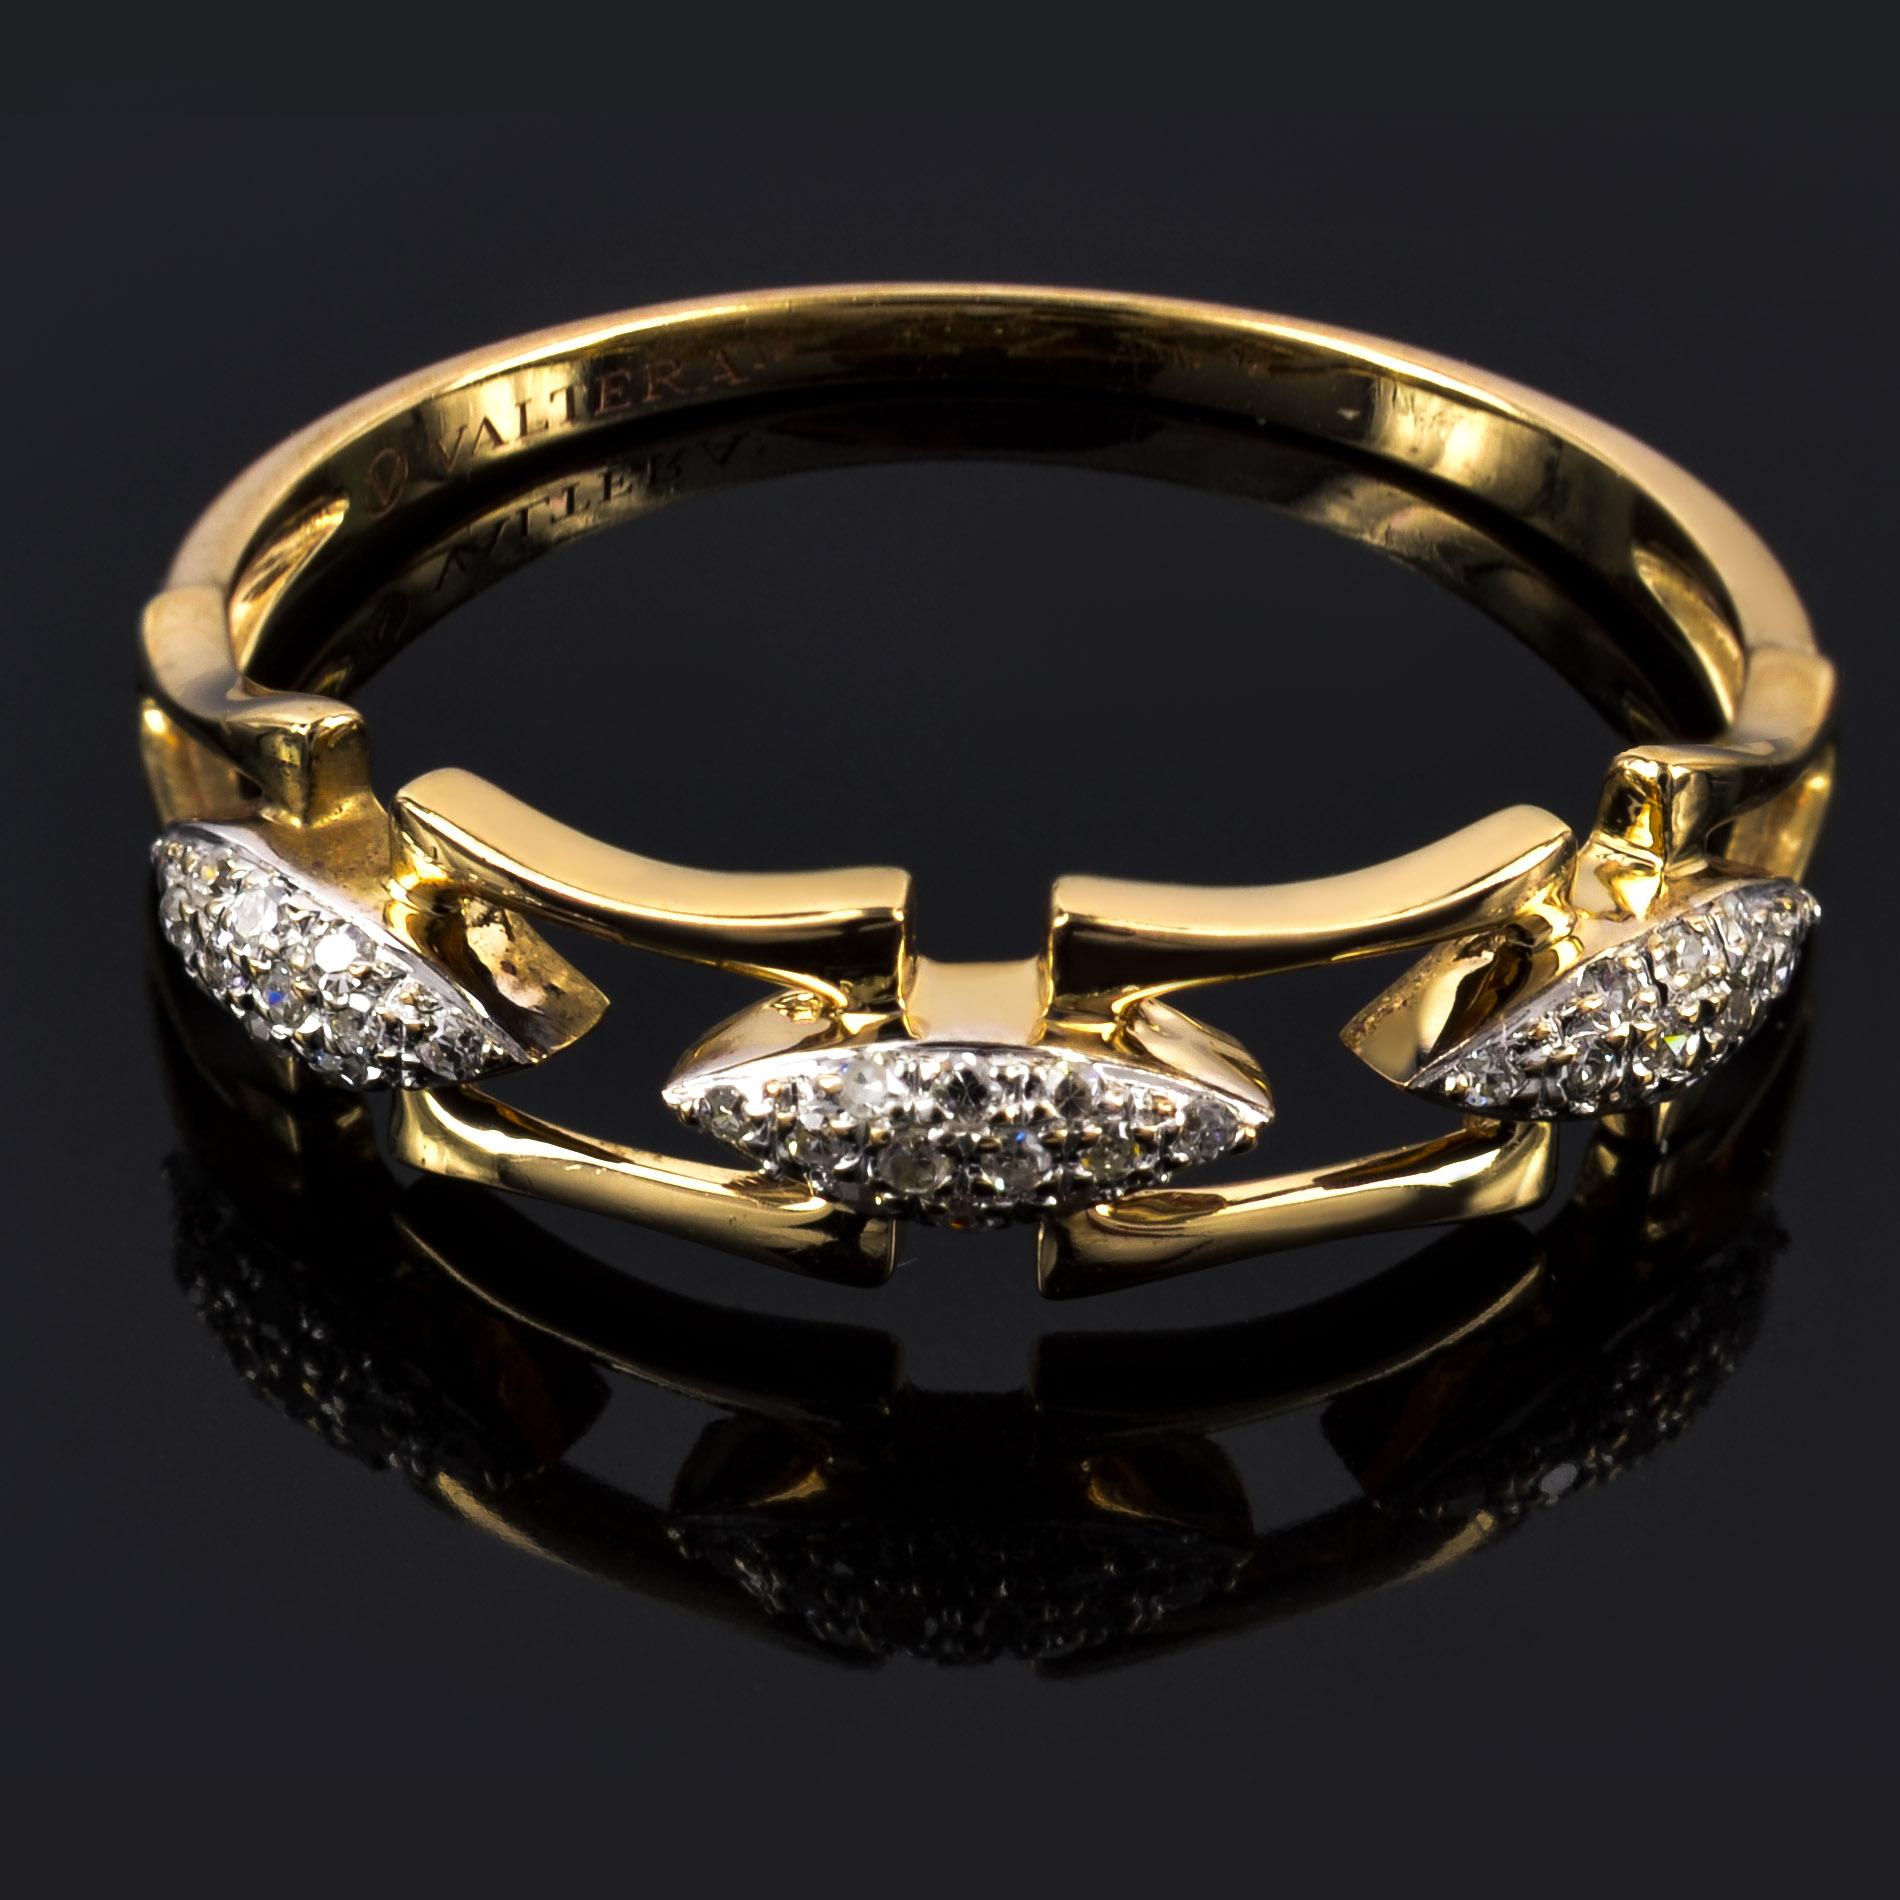 золотое кольцо купить москва 585